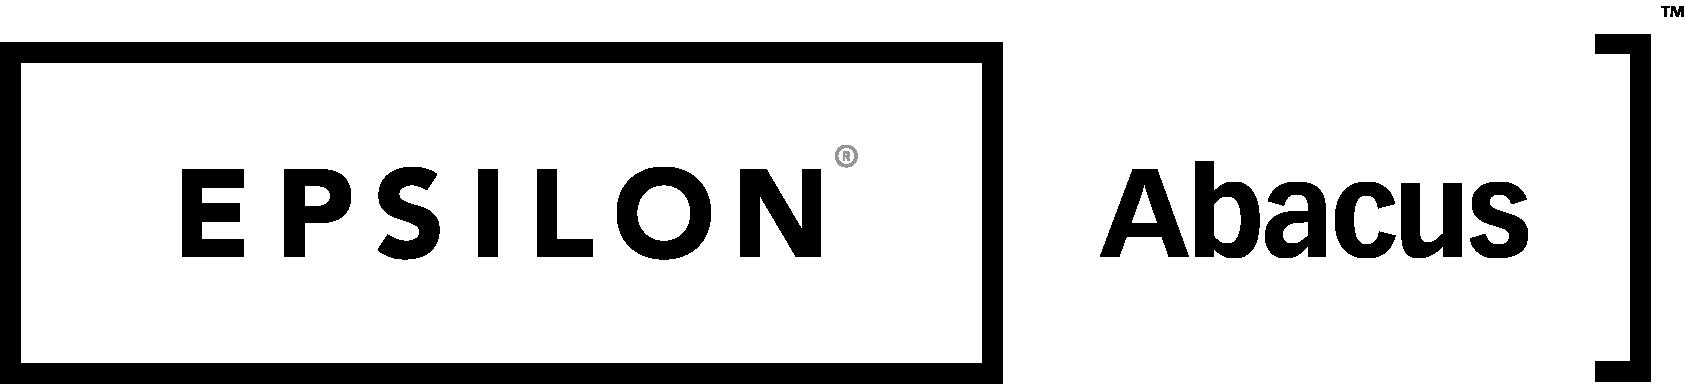 Epsilon Abacus logo